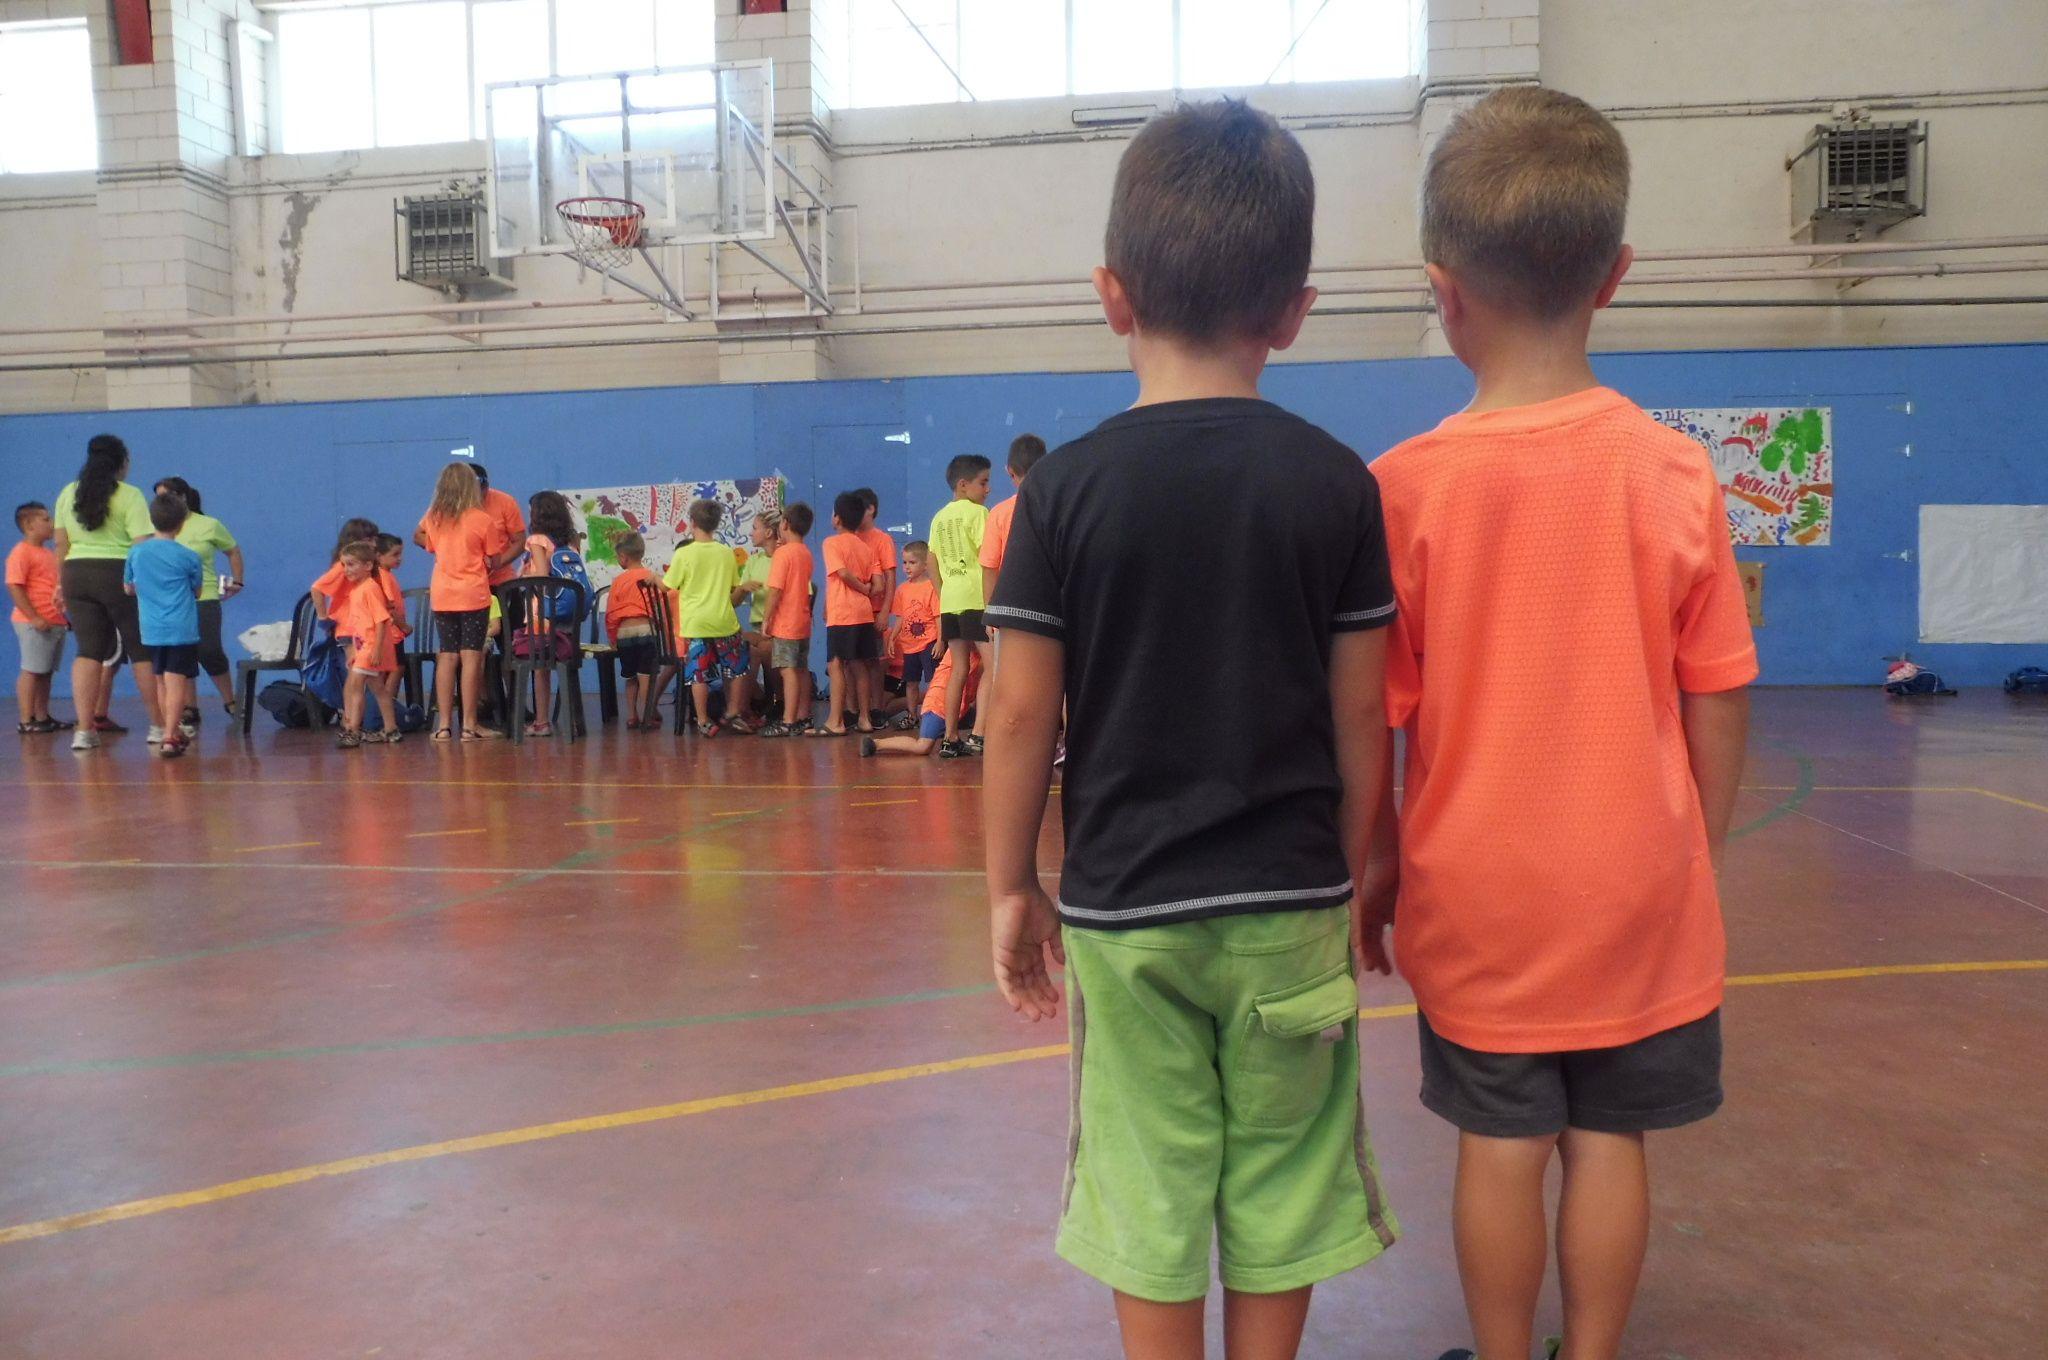 Calendario Escolar Aragon 2020.Calendario Escolar Para El Curso 2019 2020 Sobrarbe Digital